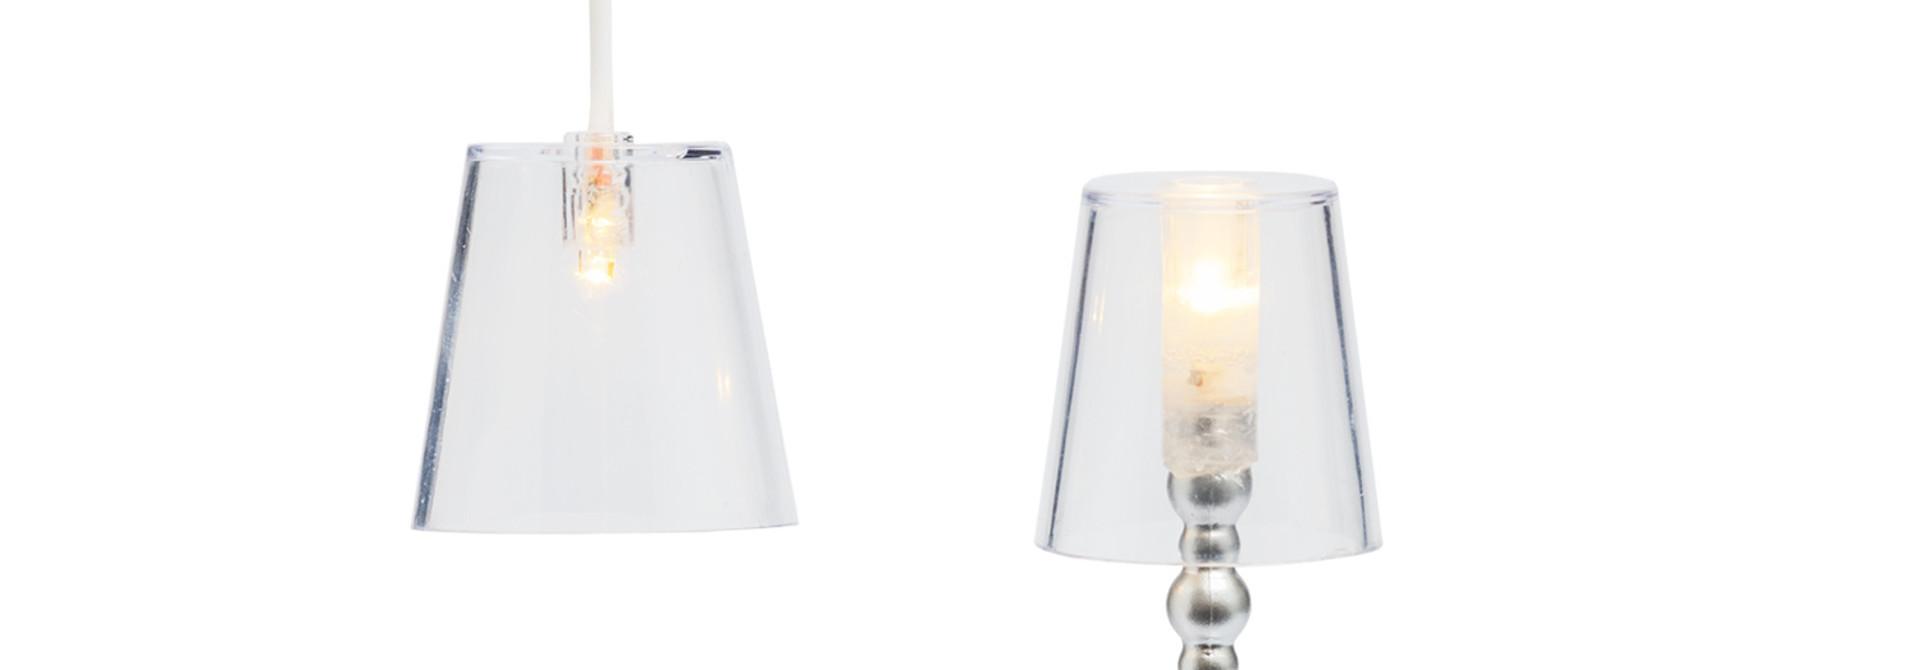 Lampen Transparant Vloer- + Hanglamp